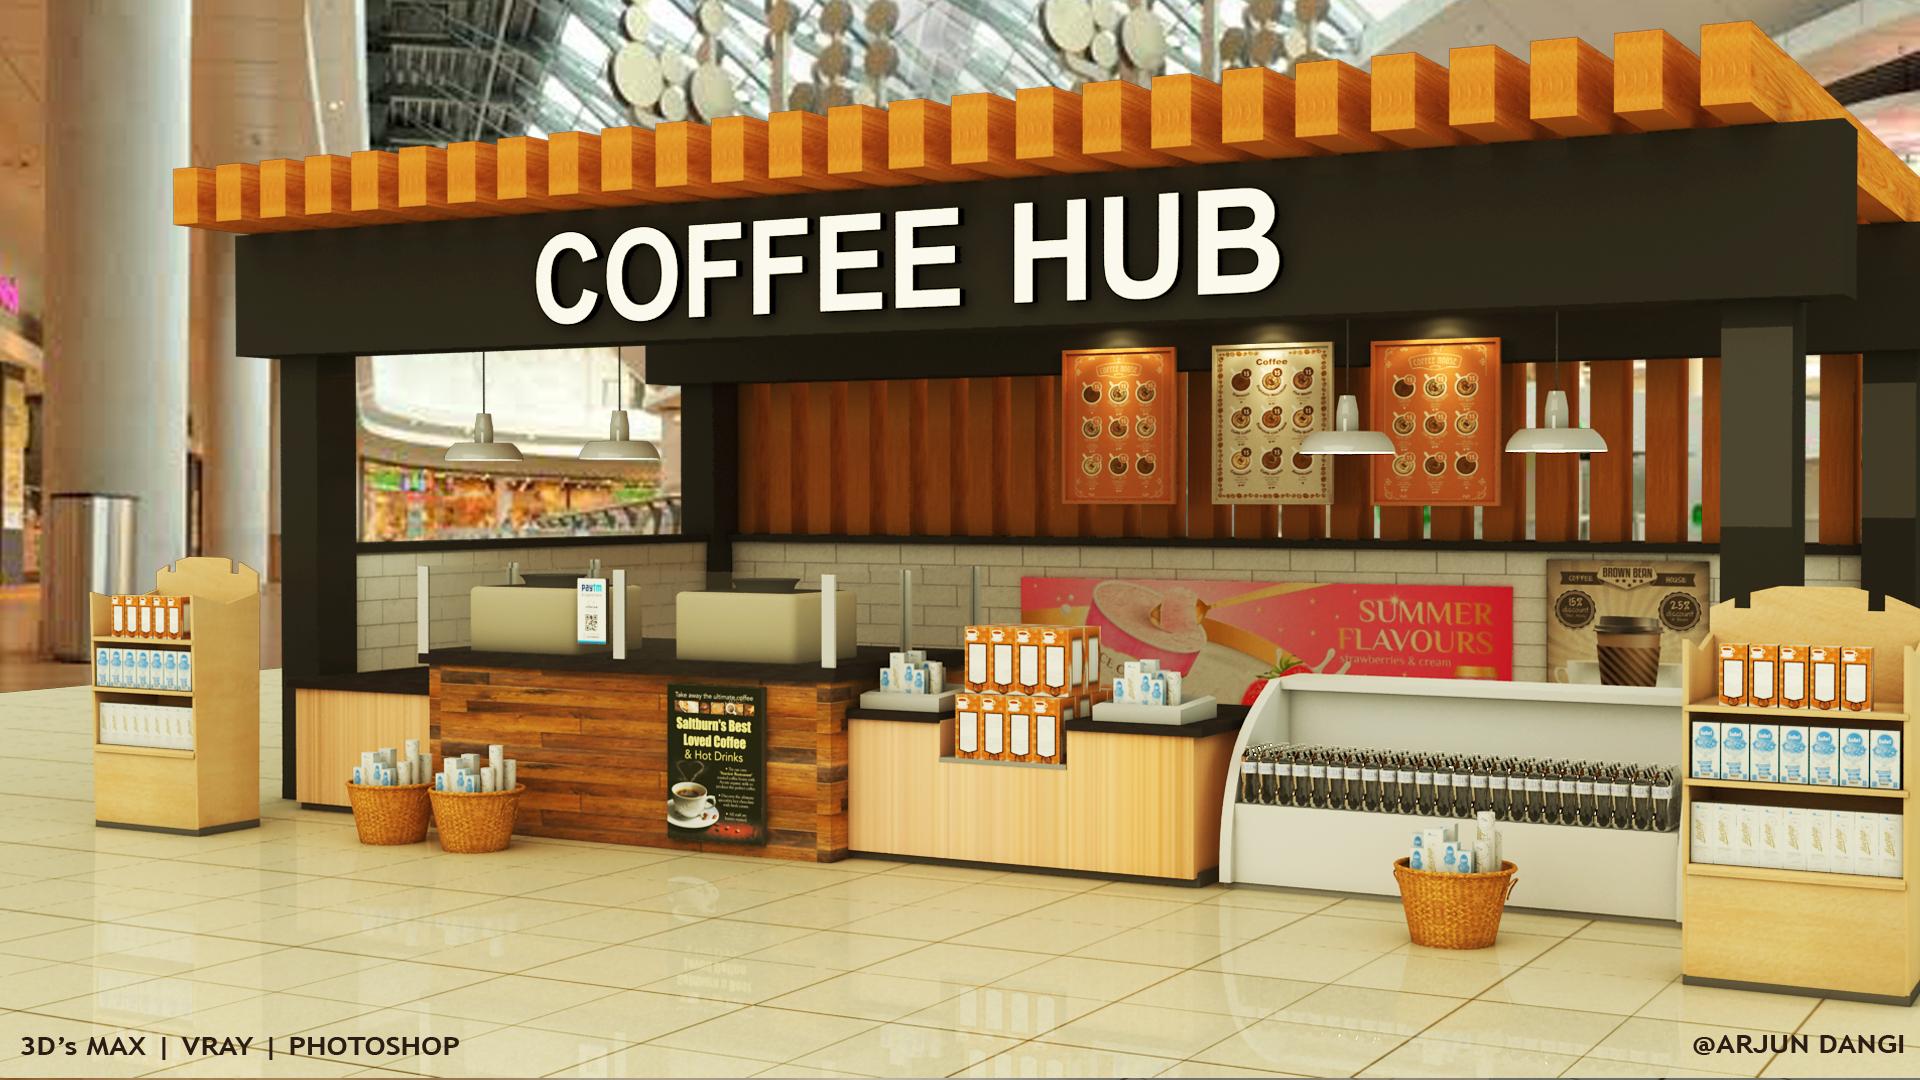 Coffee Hub 3D's Max